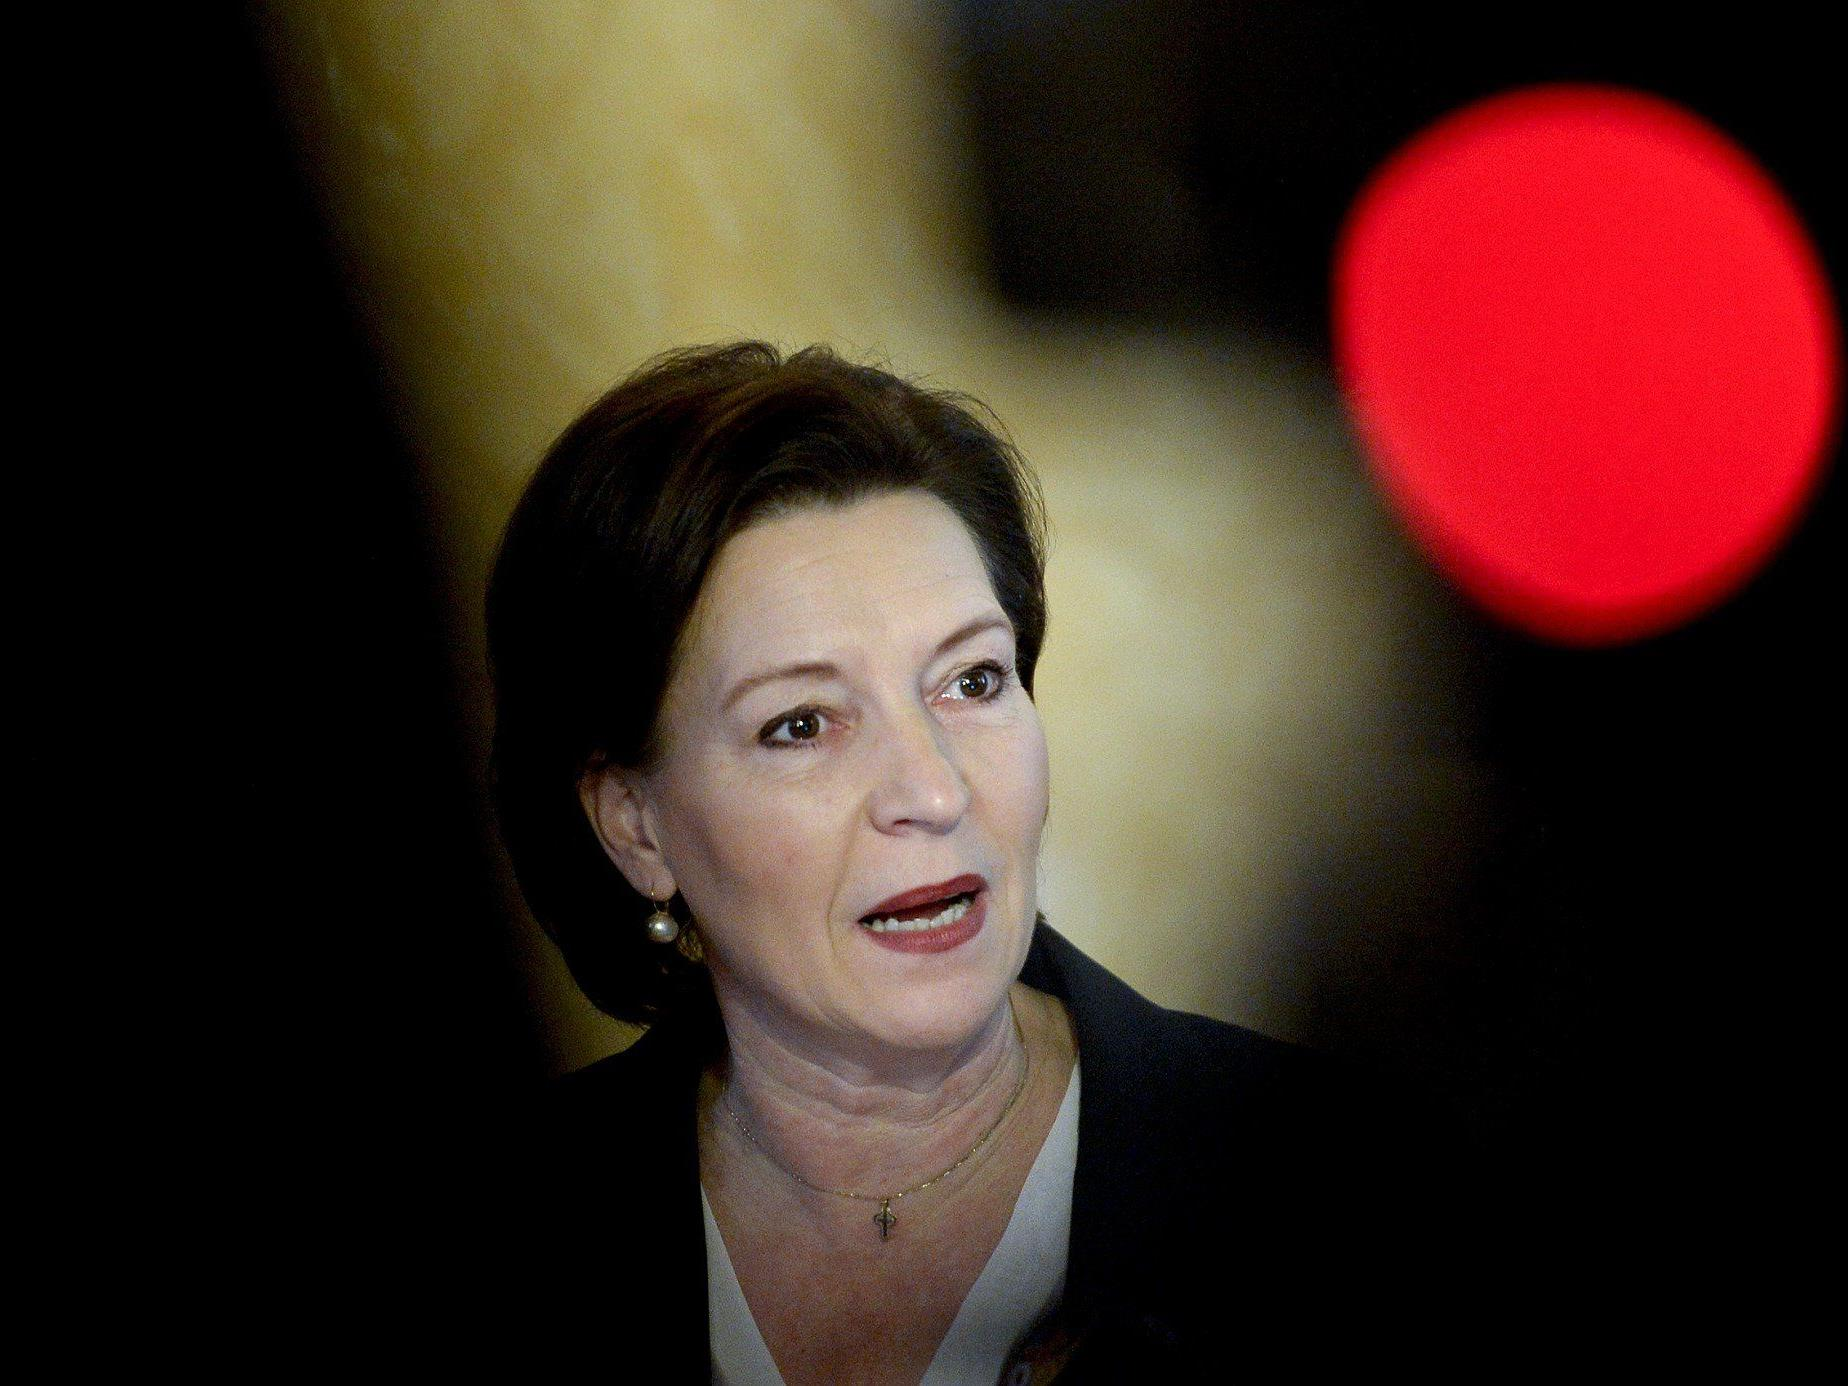 Unterrichtsministerin Heinisch-Hosek gab am Freitag Einsparmaßnahmen im Bildungsbereich bekannt.